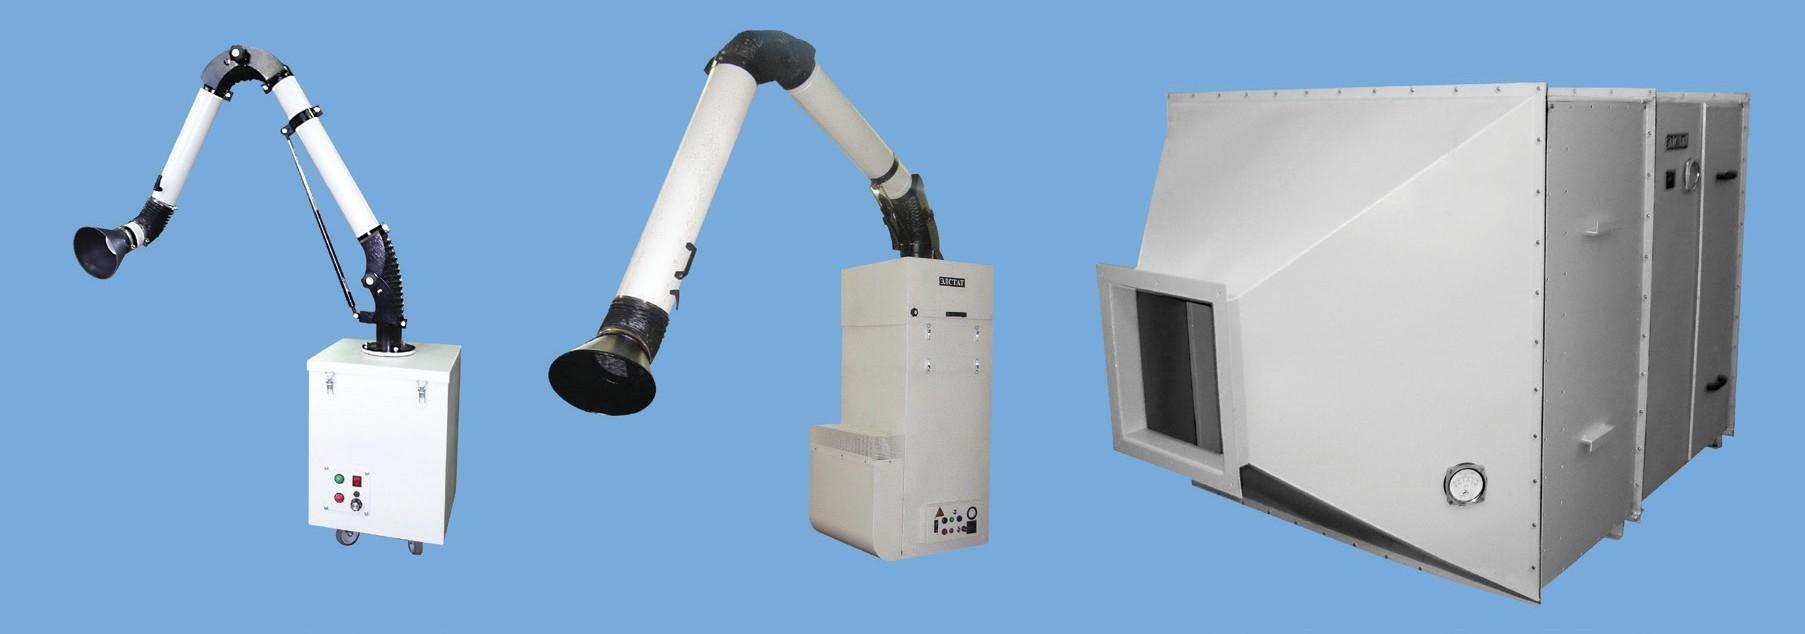 Фильтры ФСК-ЭЛСТАТ – накопительного типа, со сменными фильтрующими кассетами-картриджами для очистки воздуха от токсичных, высокодисперсных или дорогостоящих пылей. С пультом управления, измерительными приборами, системой сигнализации. Передвижные и стационарные.